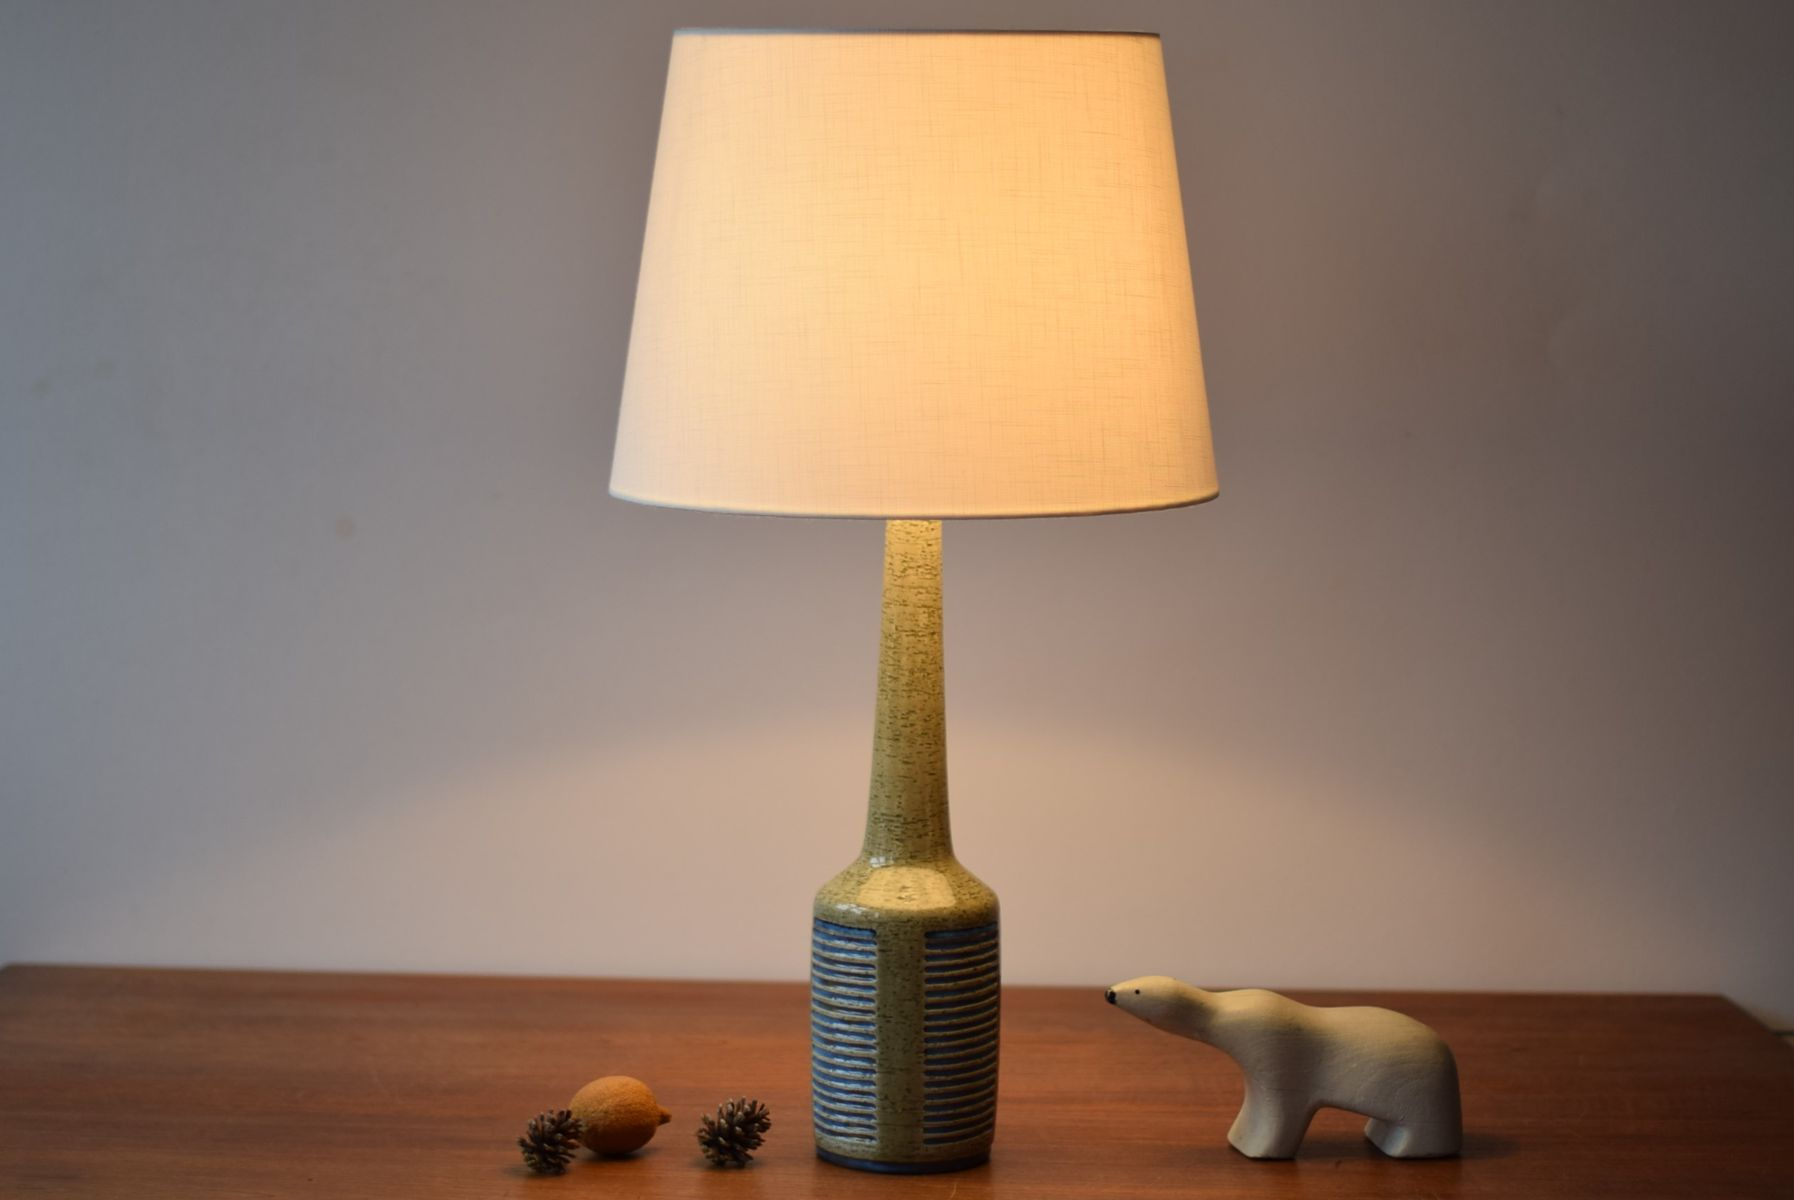 lampe de bureau scandinave verte p le bleue par per linnemann schmidt pour palshus 1960s en. Black Bedroom Furniture Sets. Home Design Ideas